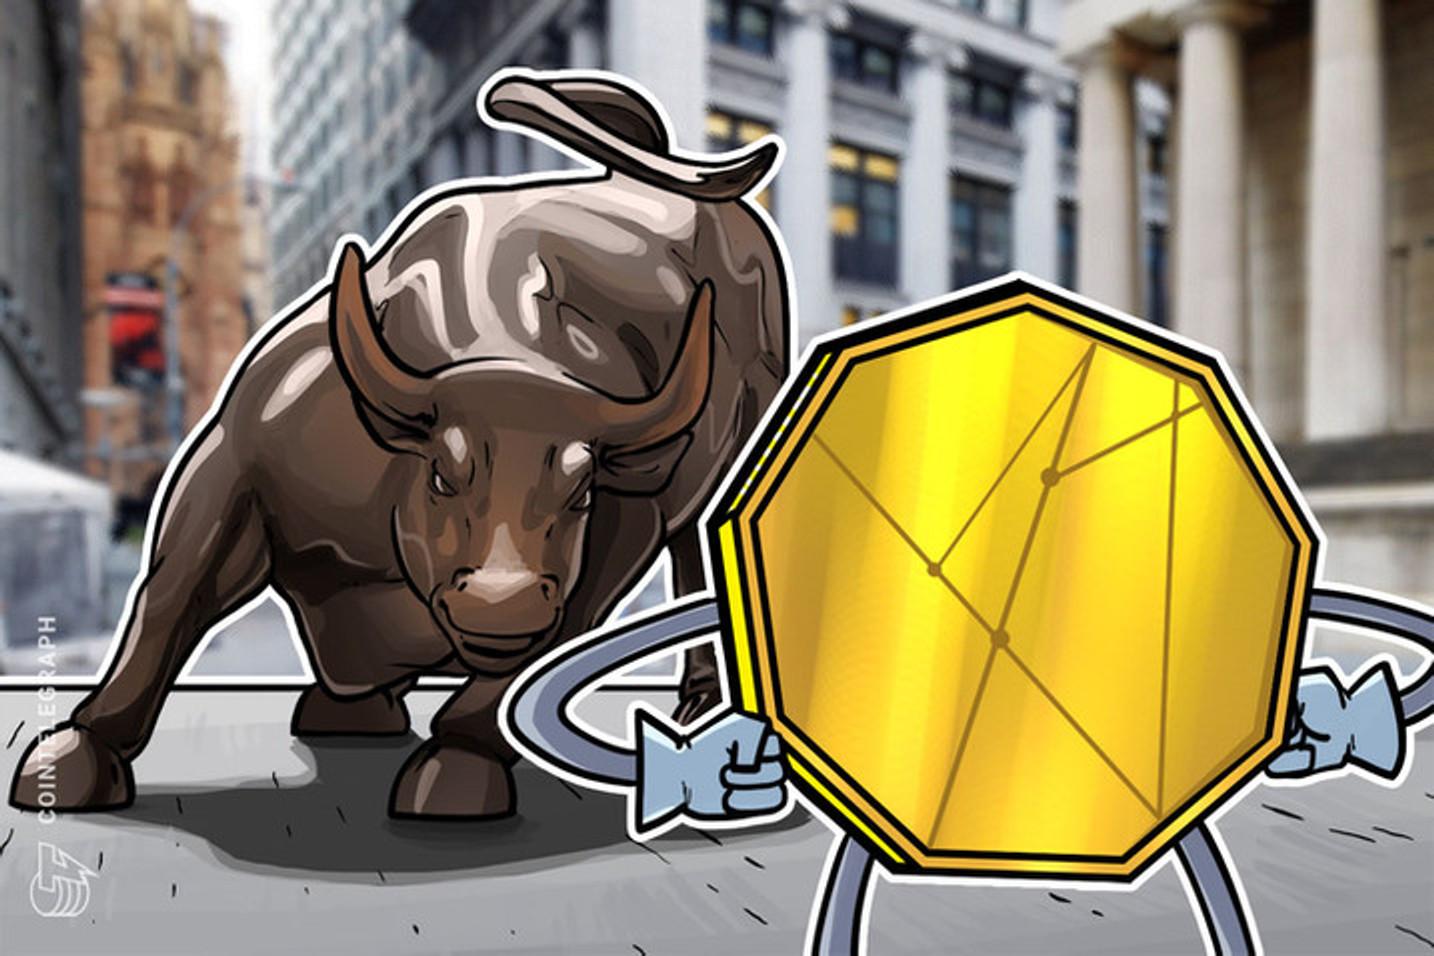 BitcoinTrade inova e vai lançar competição de portfólio cripto com premiação para instituições de caridade